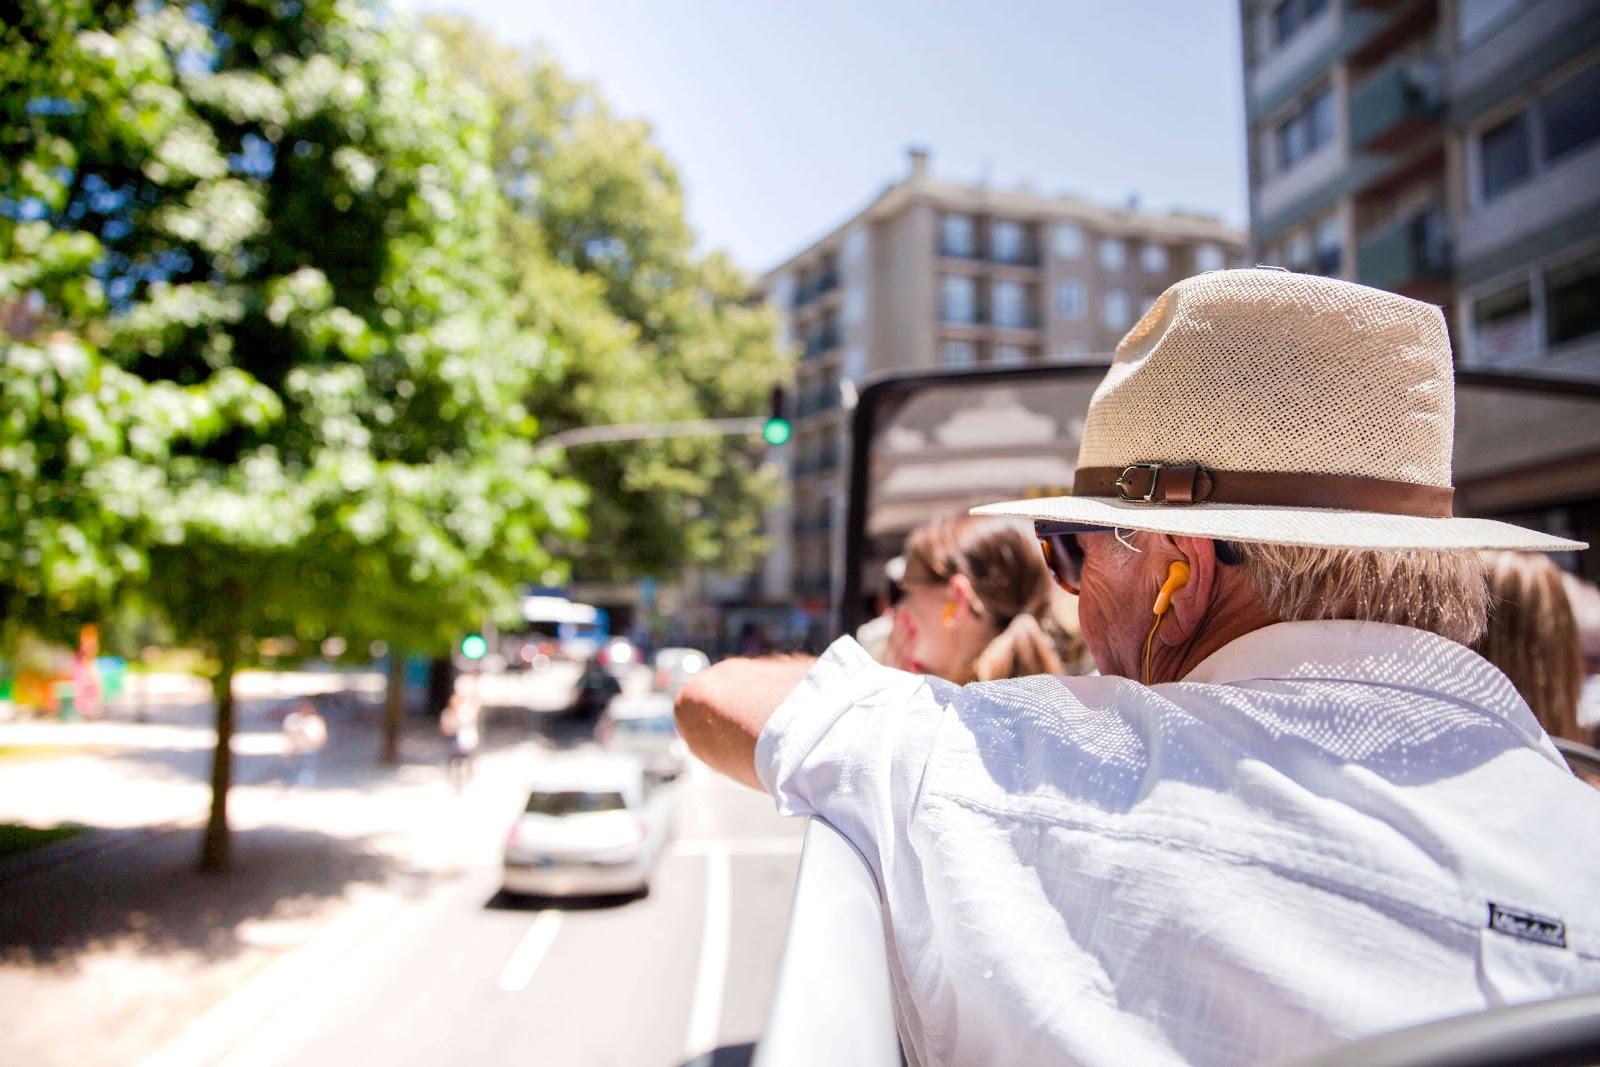 En man åker på turistbuss utomlands